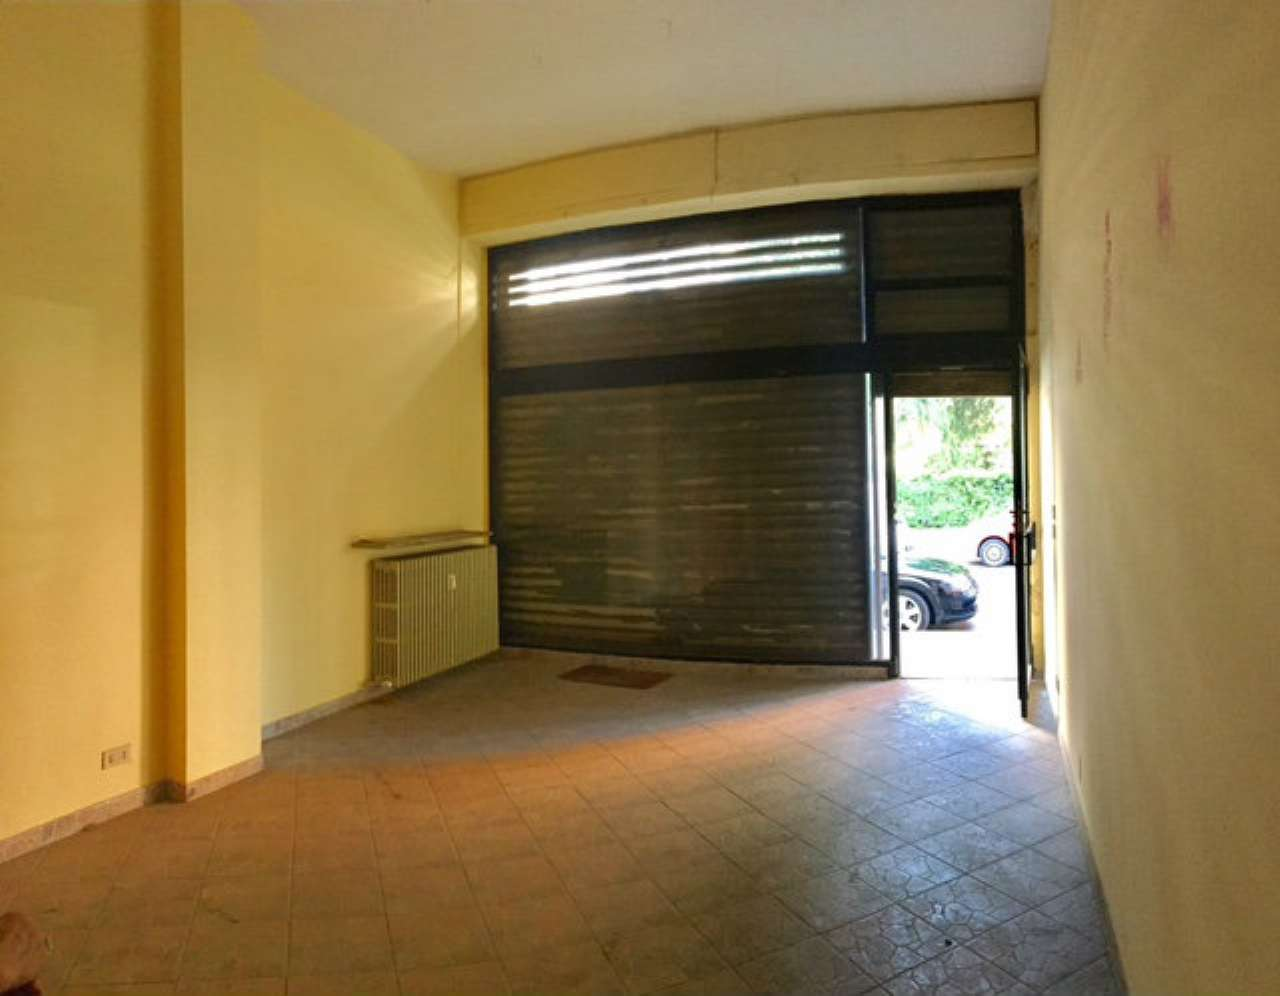 Negozio / Locale in affitto a Torino, 2 locali, zona Zona: 8 . San Paolo, Cenisia, prezzo € 300 | CambioCasa.it